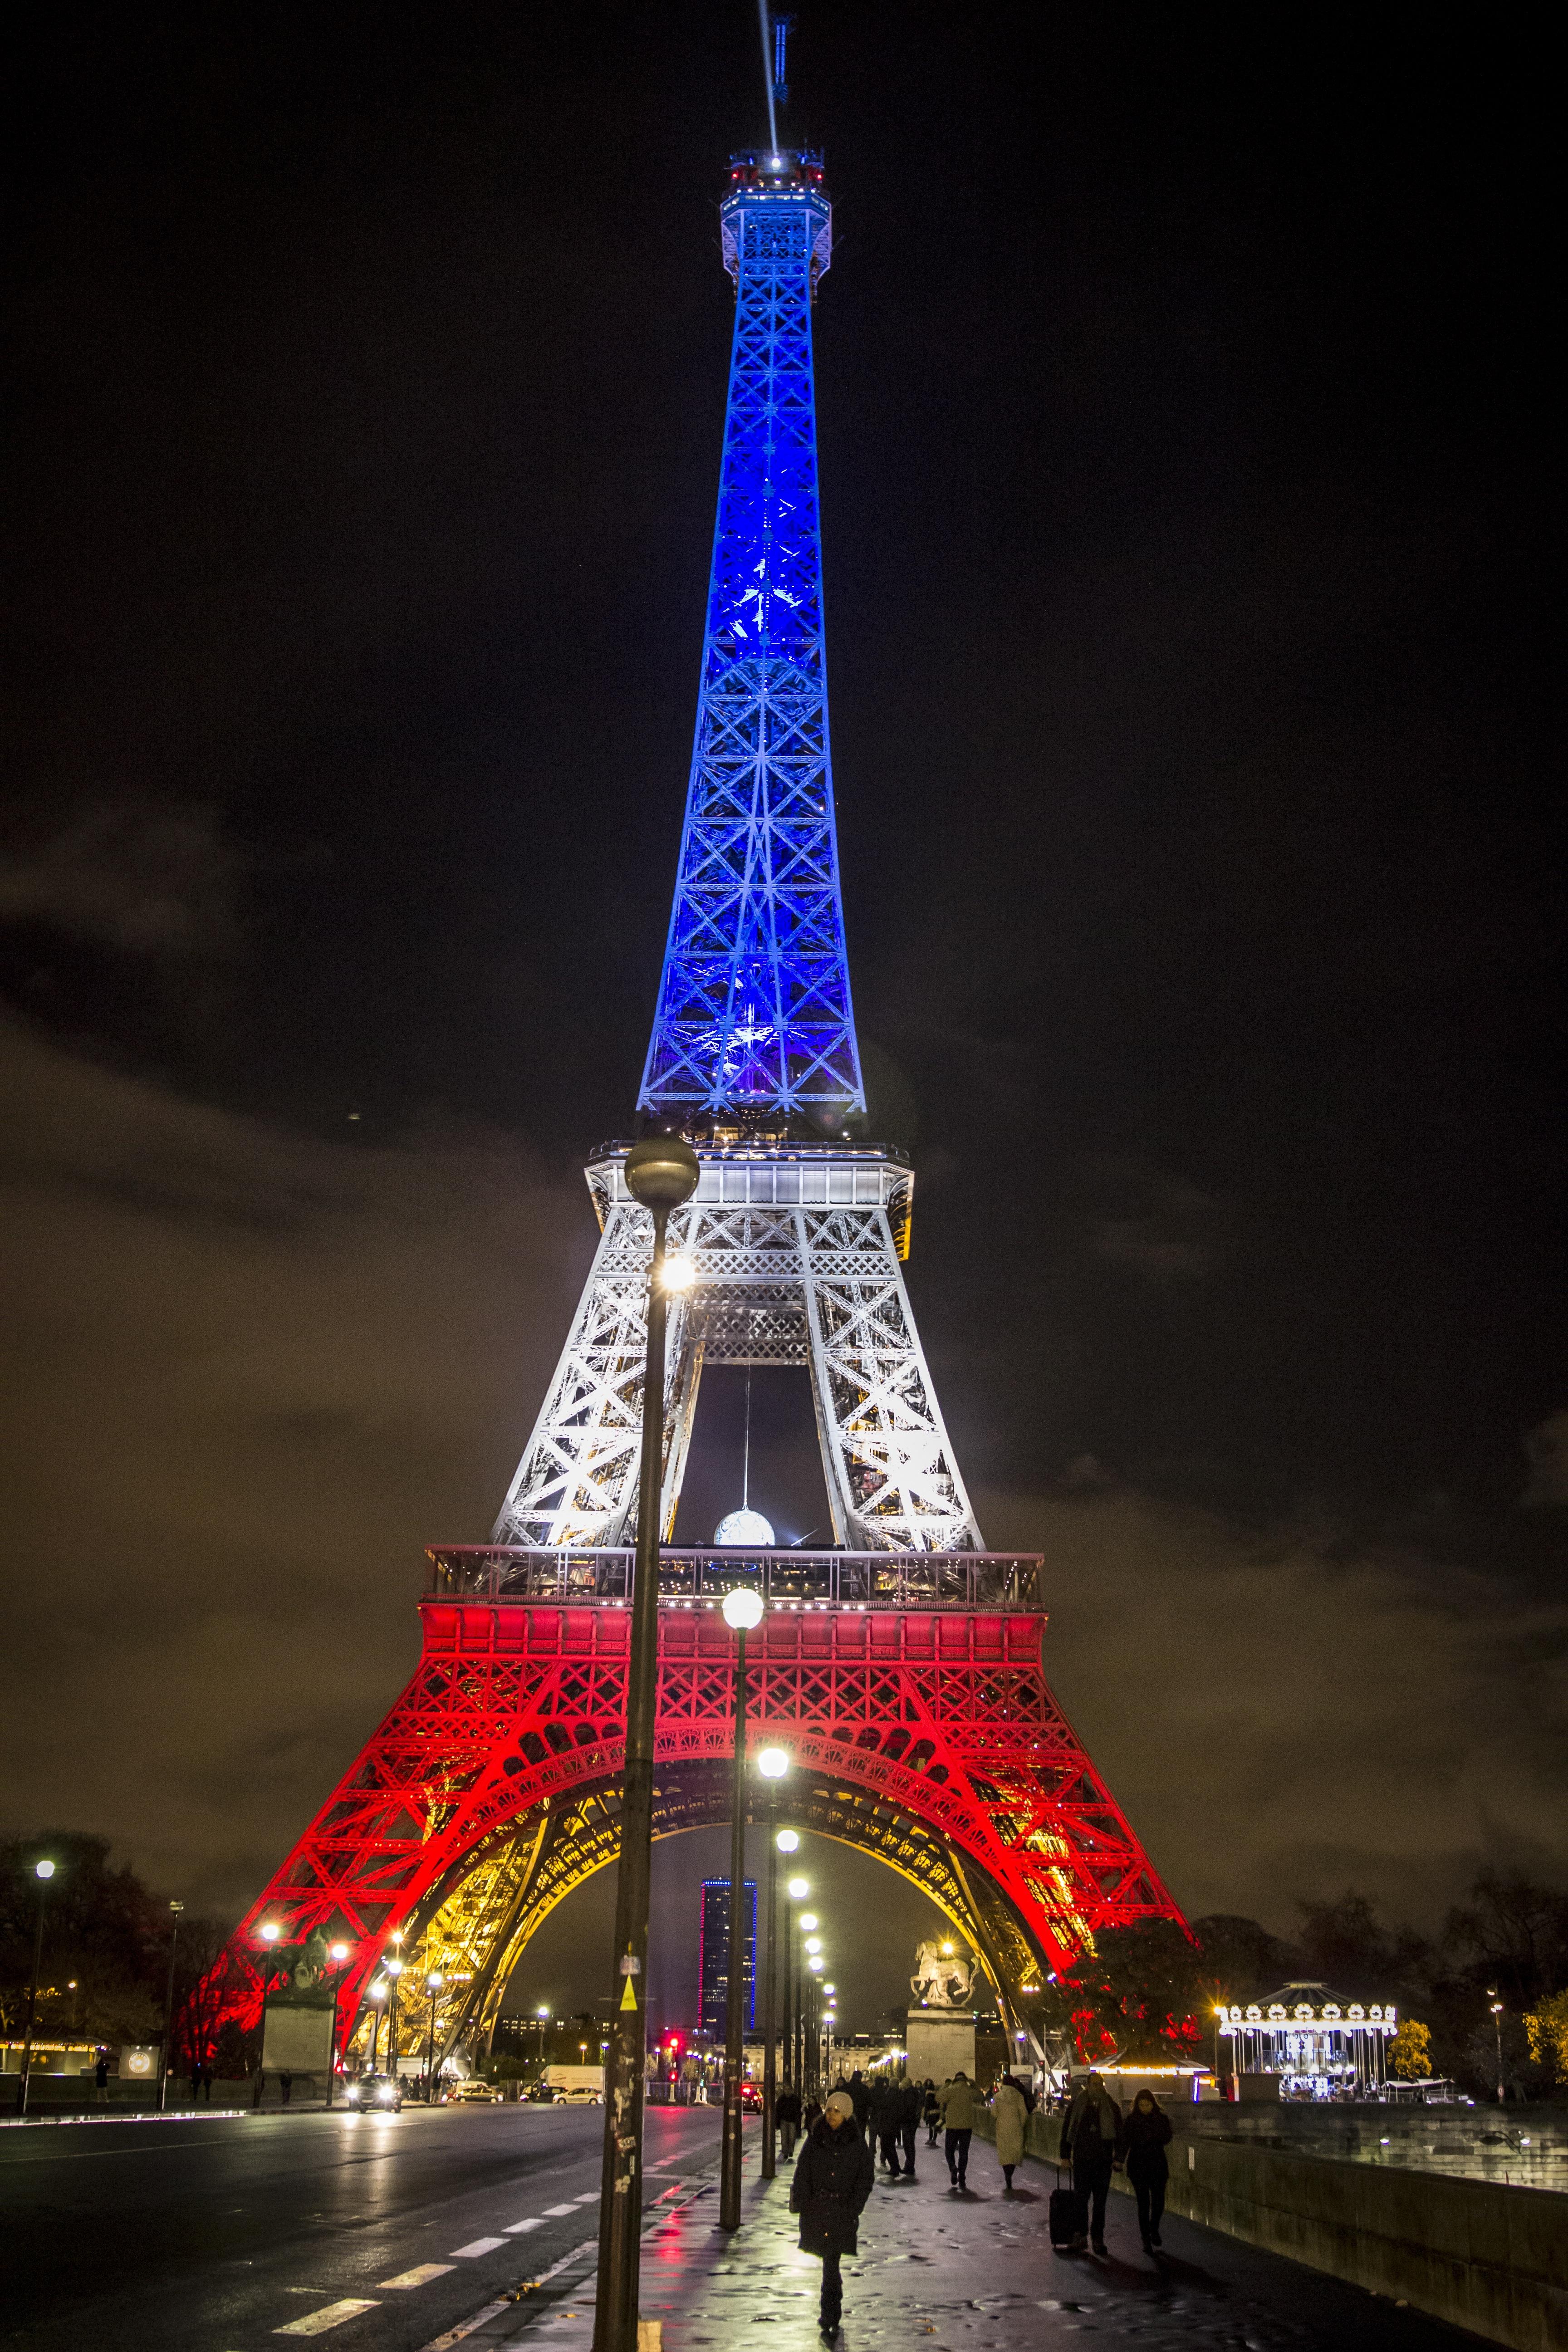 Bildet Lett Natt Eiffeltarnet Paris Bybildet Europa Kveld Tarn Flagg Landemerke Turisme Belysning Juletre Jul Dekorasjon Eiffel Fransk Europeisk Beromt Paris Frankrike 3456x5184 637940 Bilder Gratis Pxhere